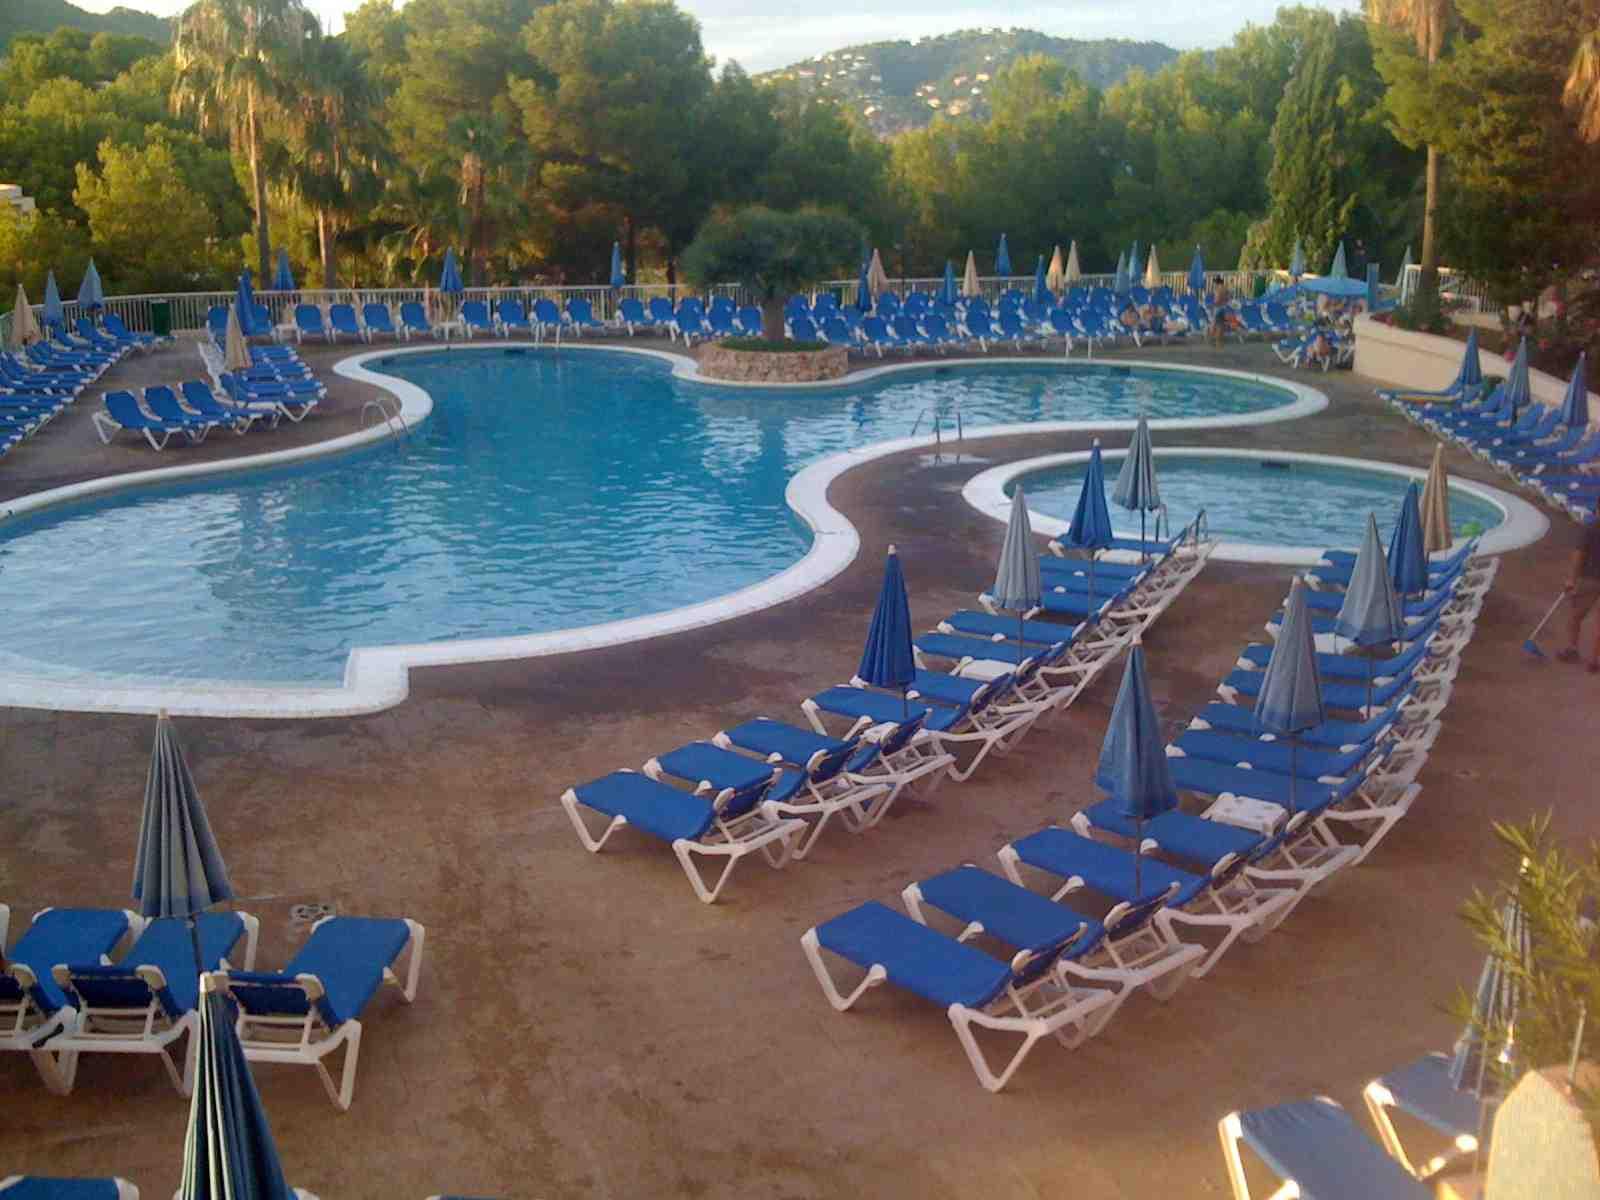 In vacanza con bambini hotel per famiglie bel mare io amo i viaggi - Hotel a pejo con piscina ...